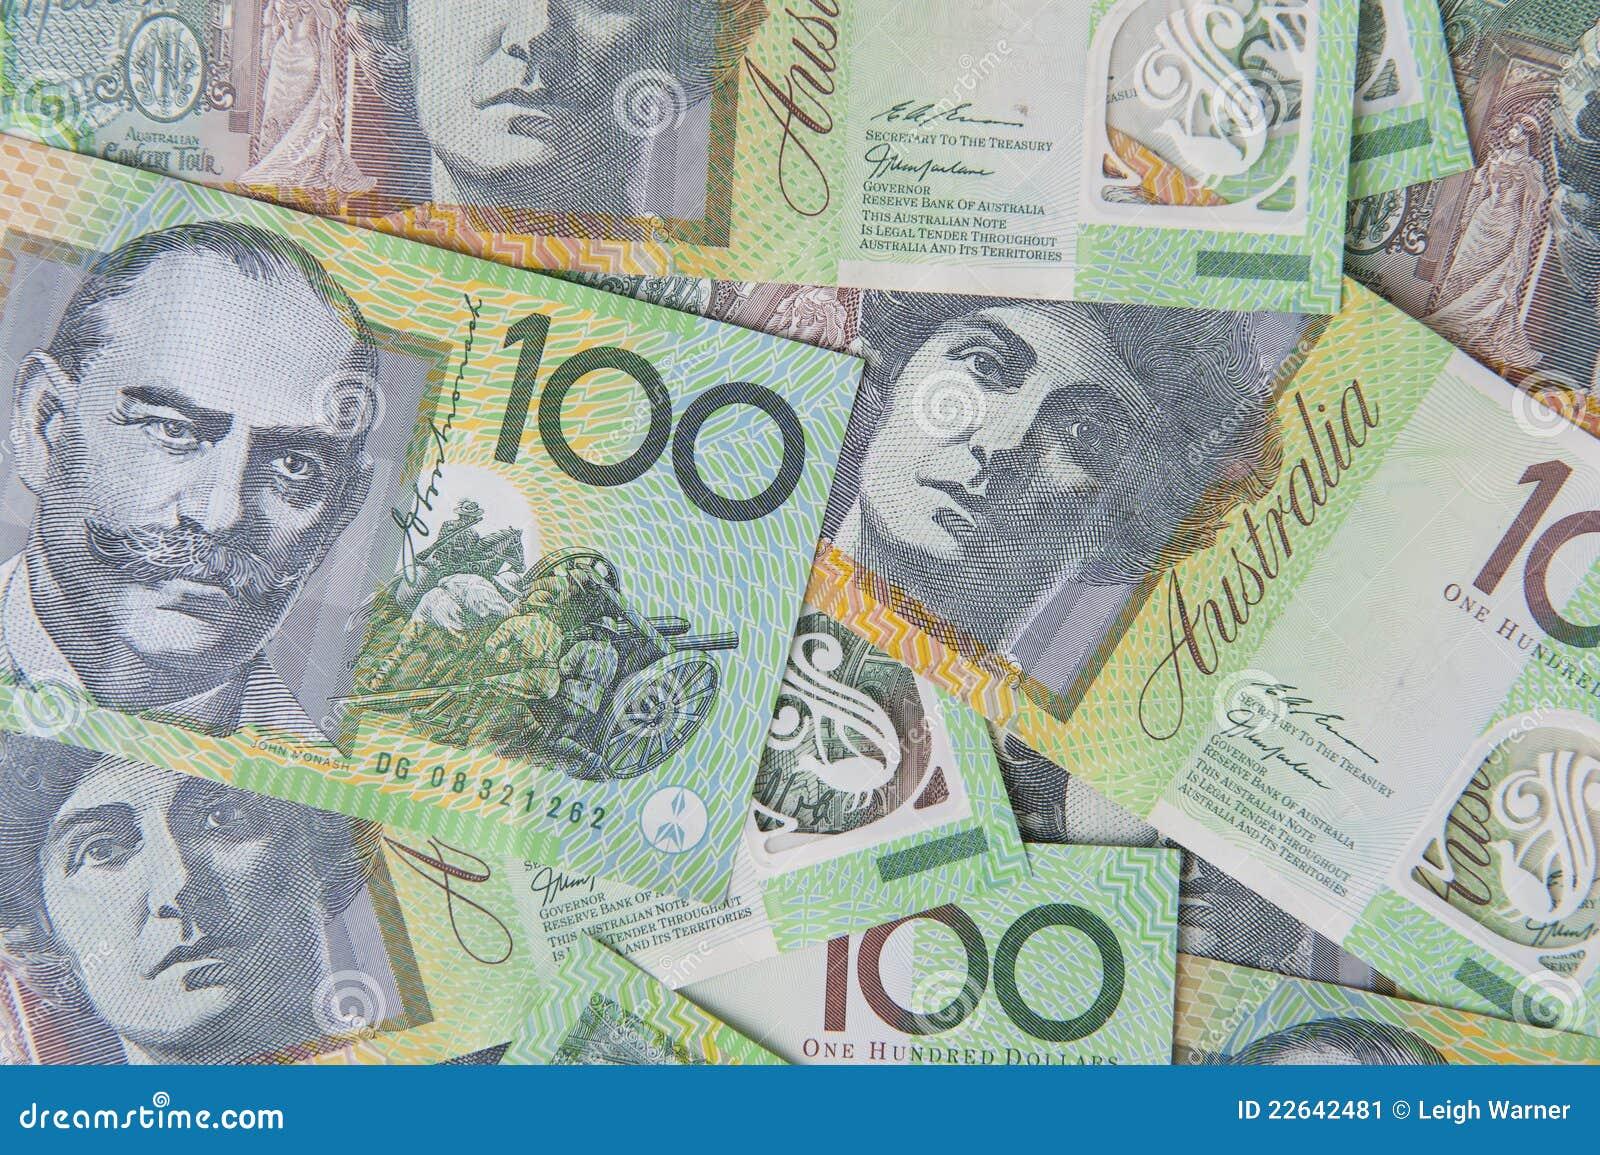 Australian $100 Notes Stock Image - Image: 22642481